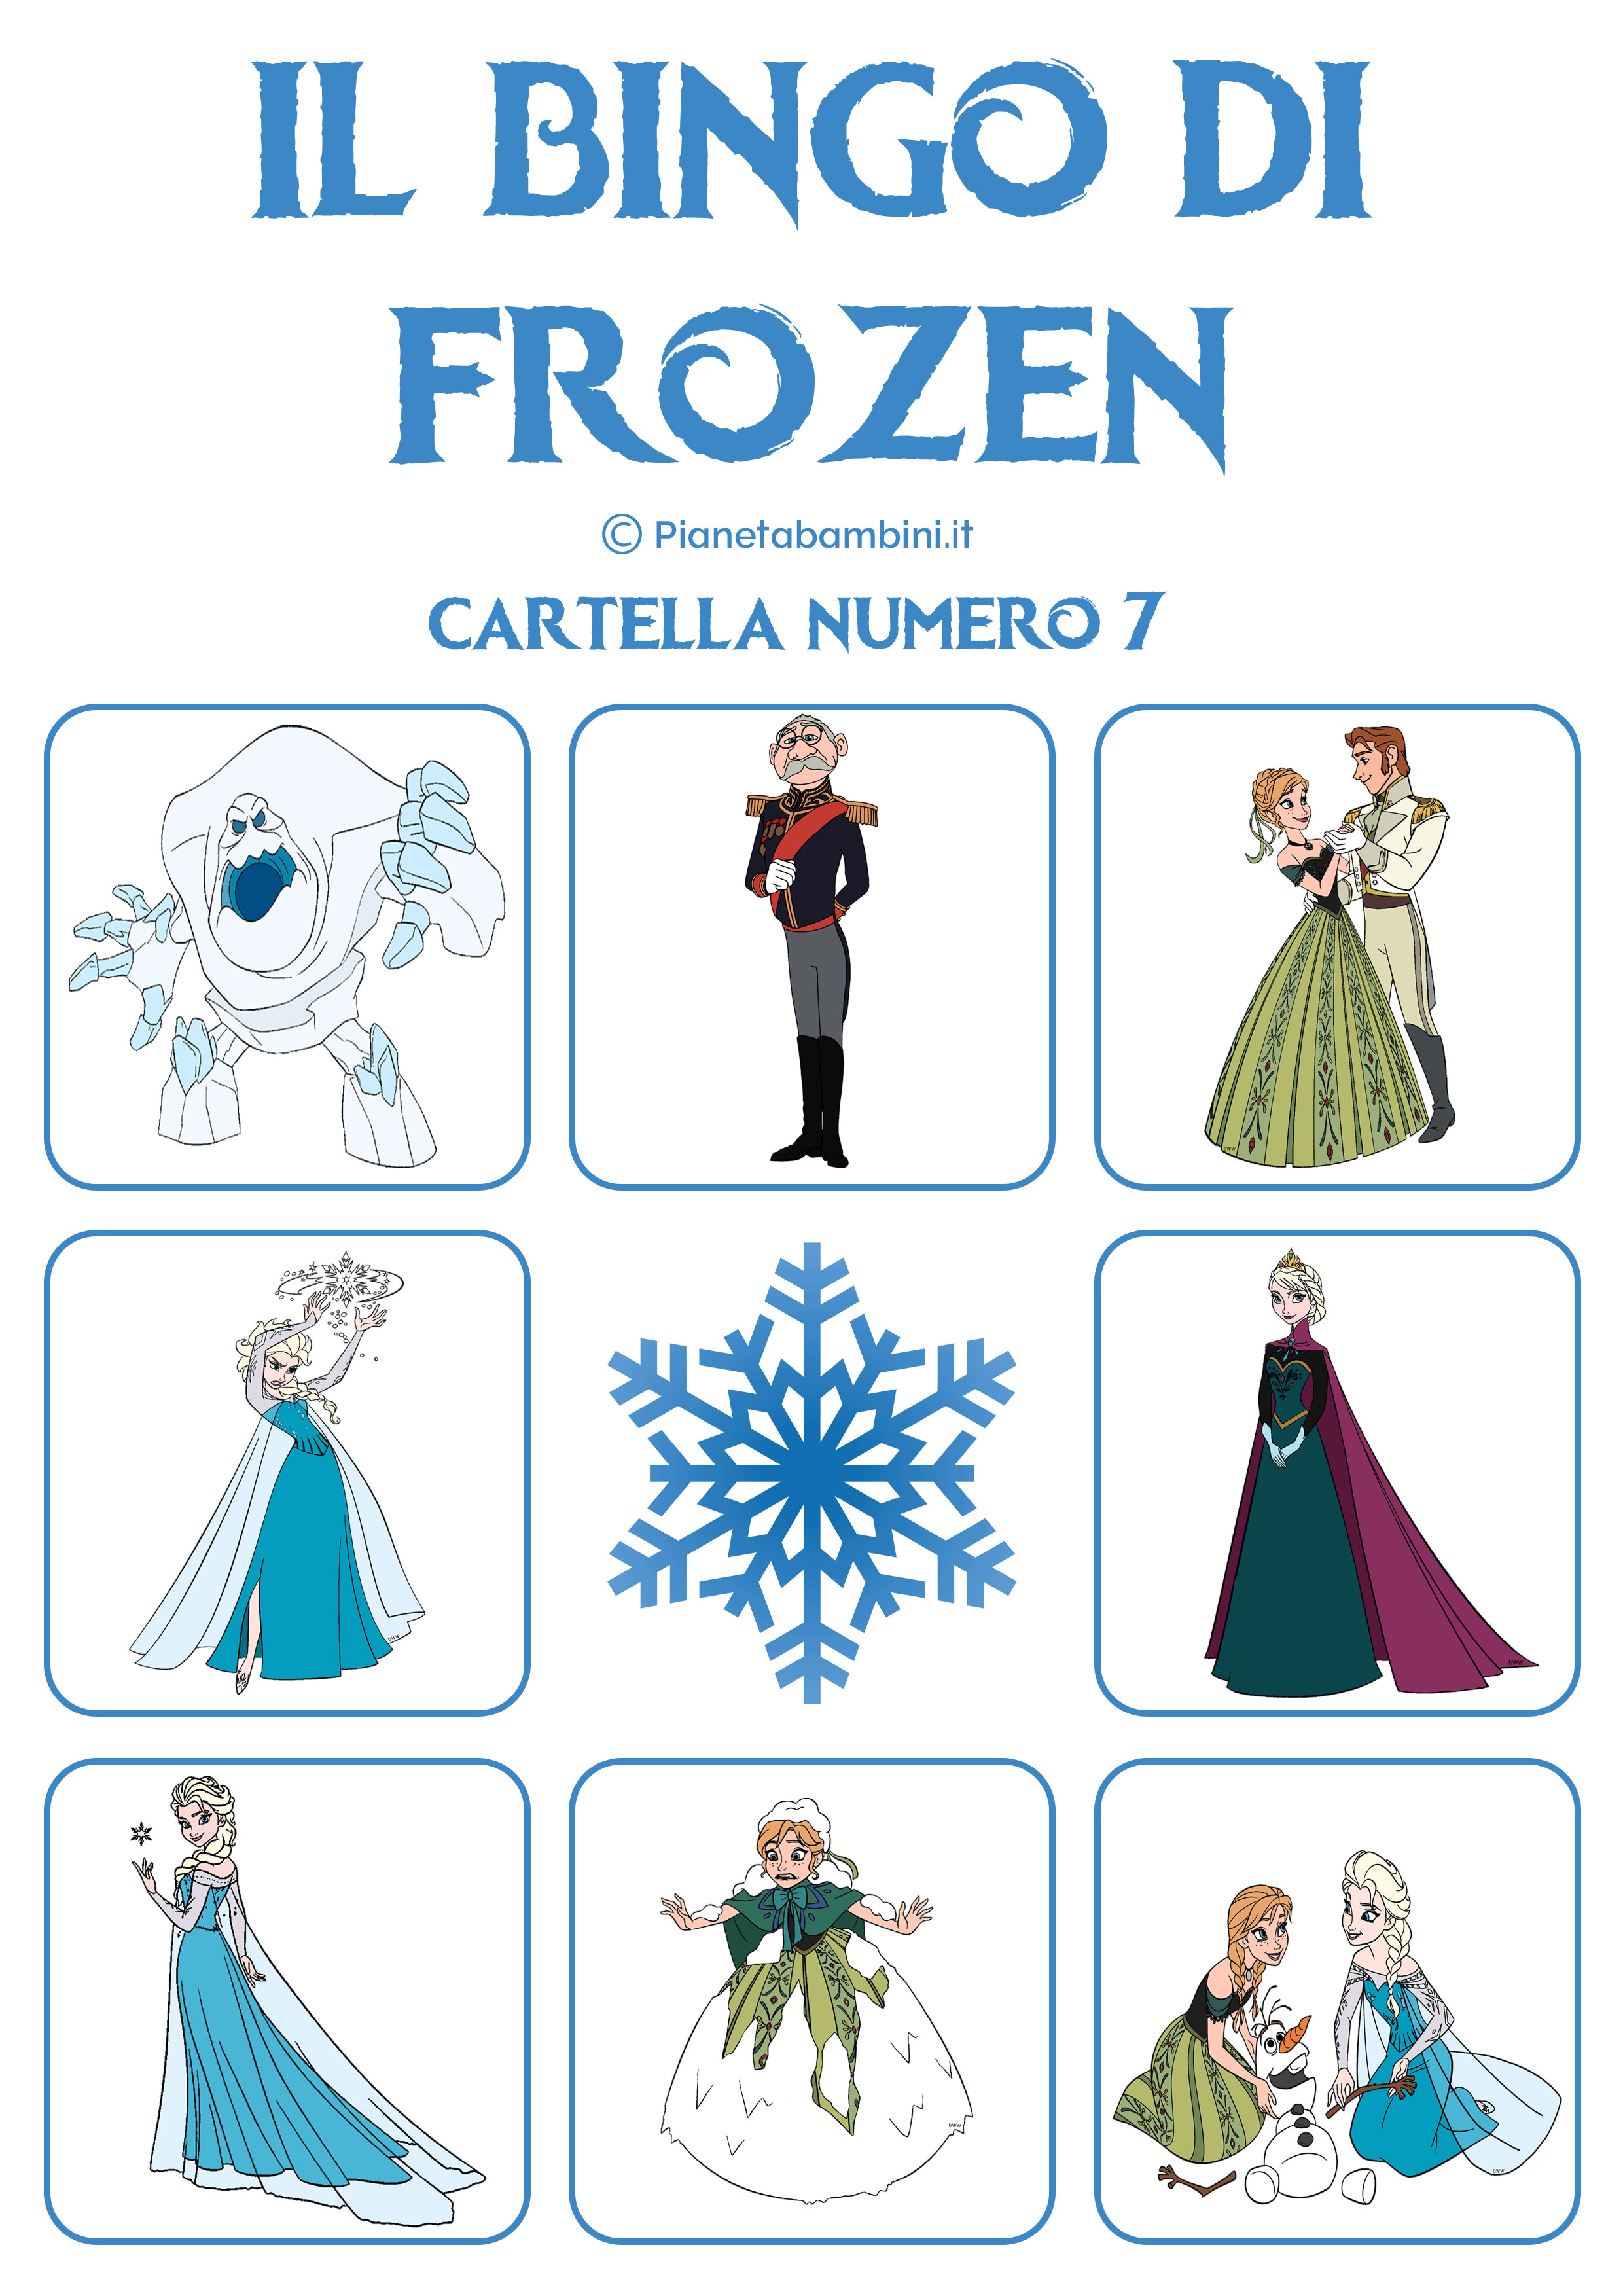 Bingo-Frozen-Cartella-7